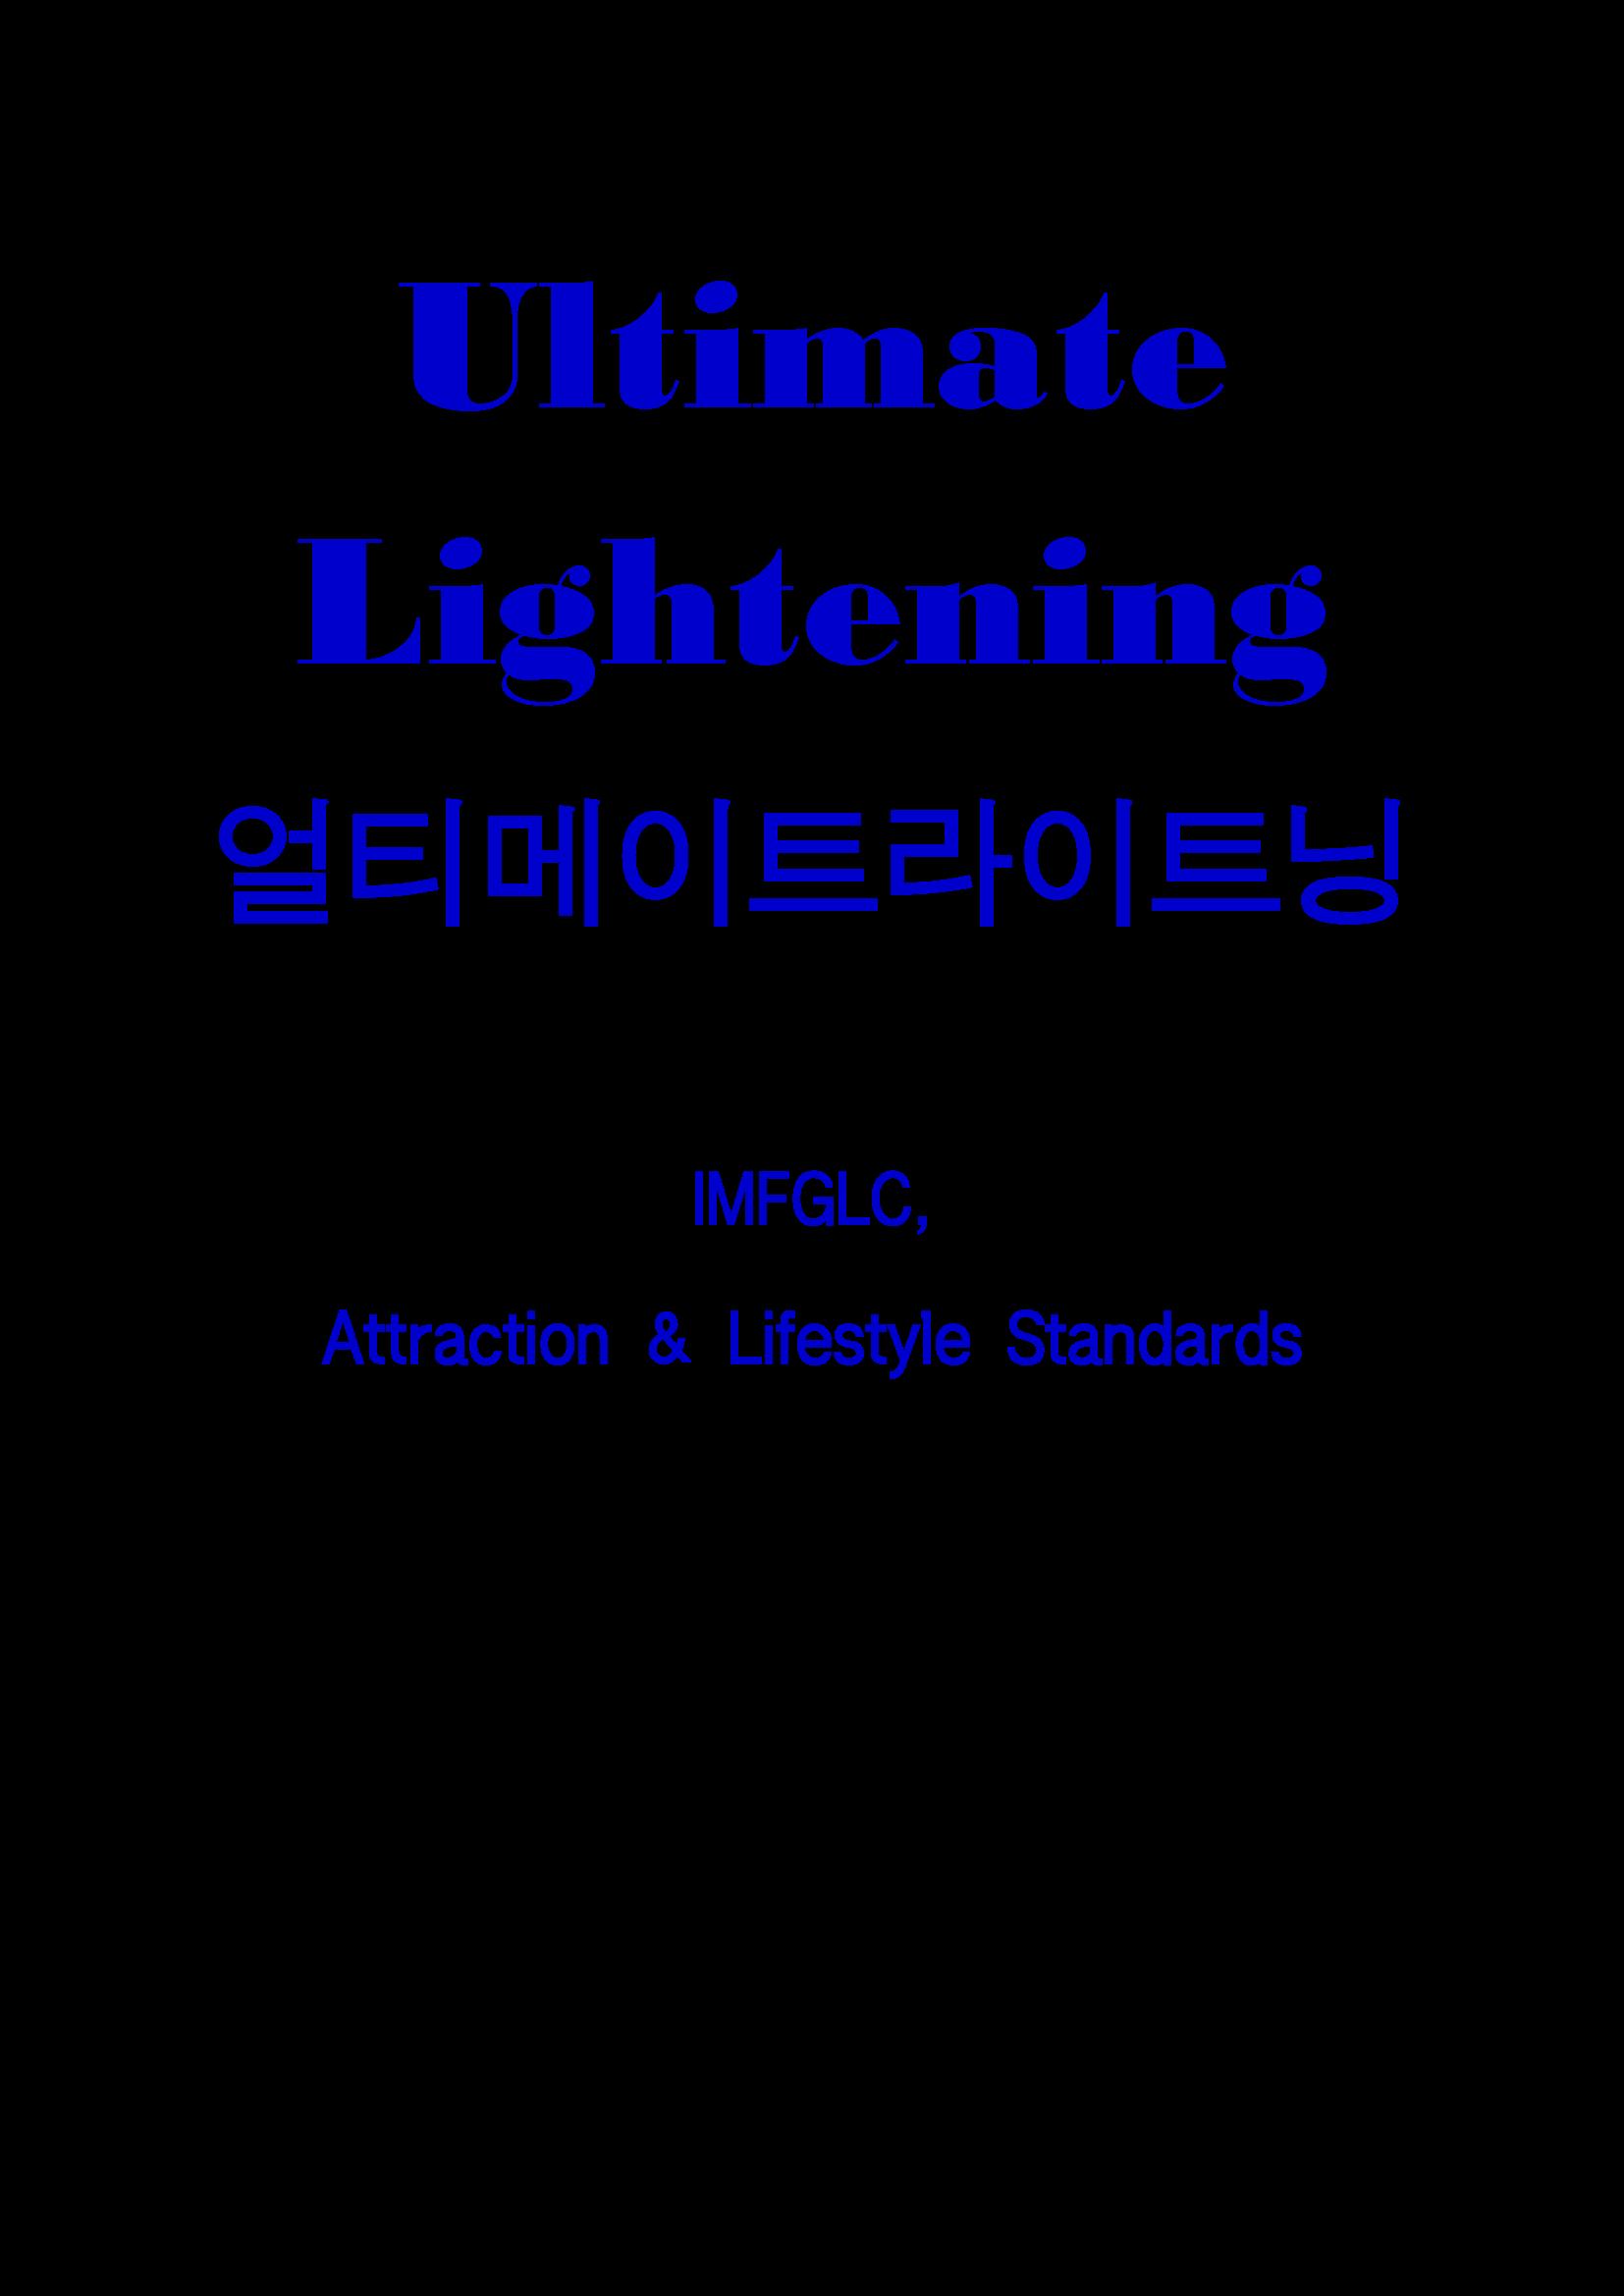 제 11회 Ultimate Lightening(진짜)_페이지_63.png